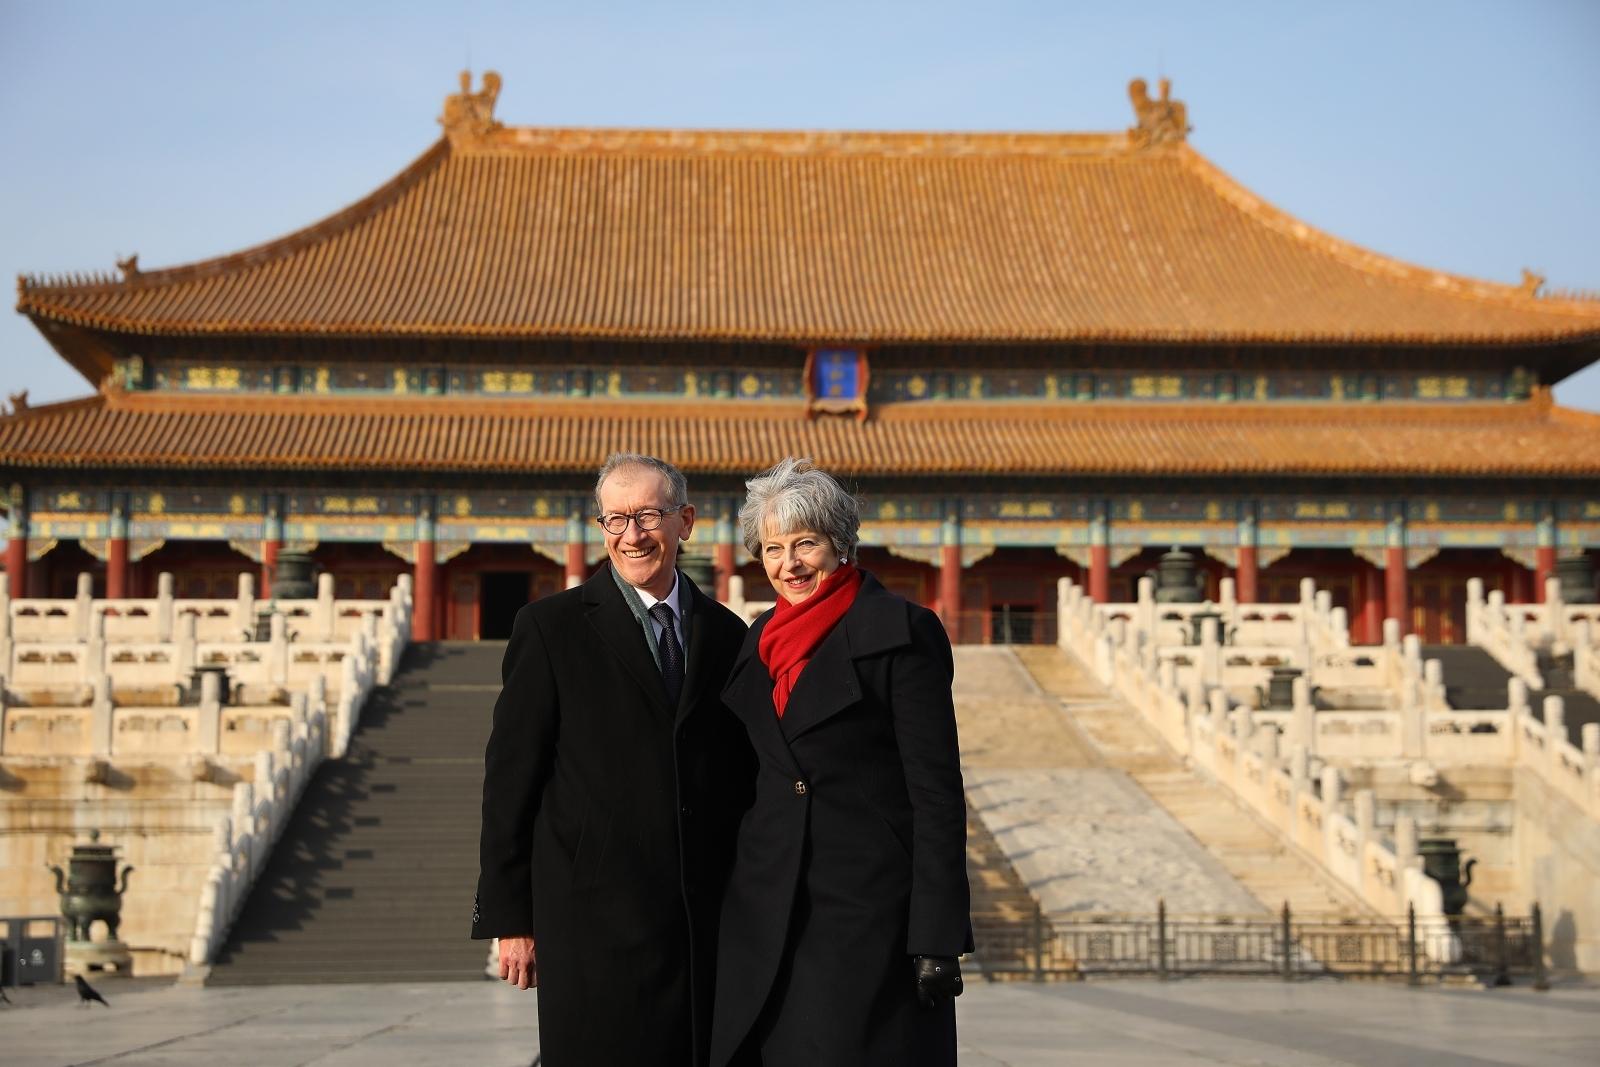 Theresa May and Philip May in China